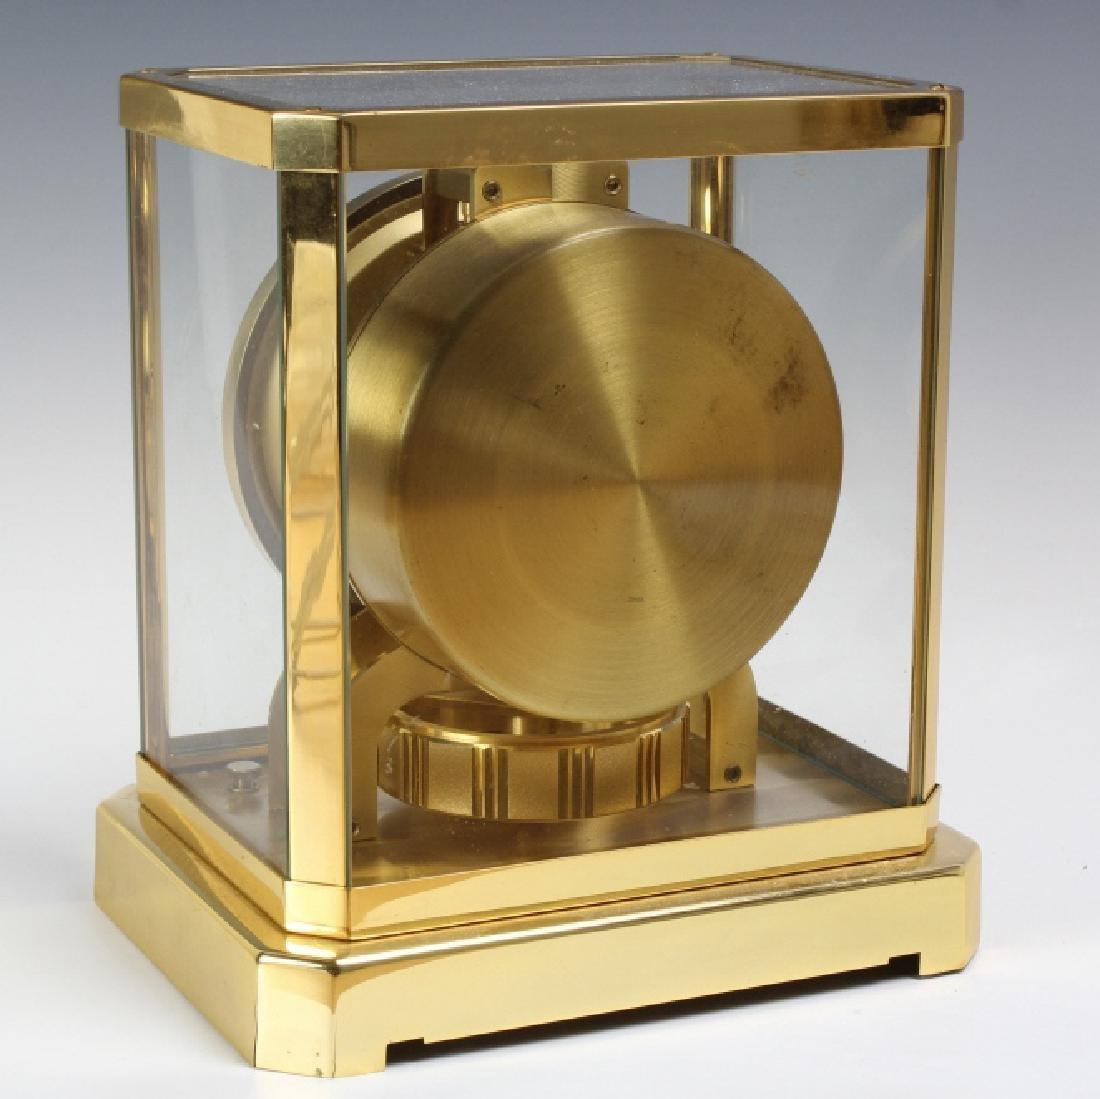 Jaeger Le Coultre Atmos Gold Case Mantle Clock - 3